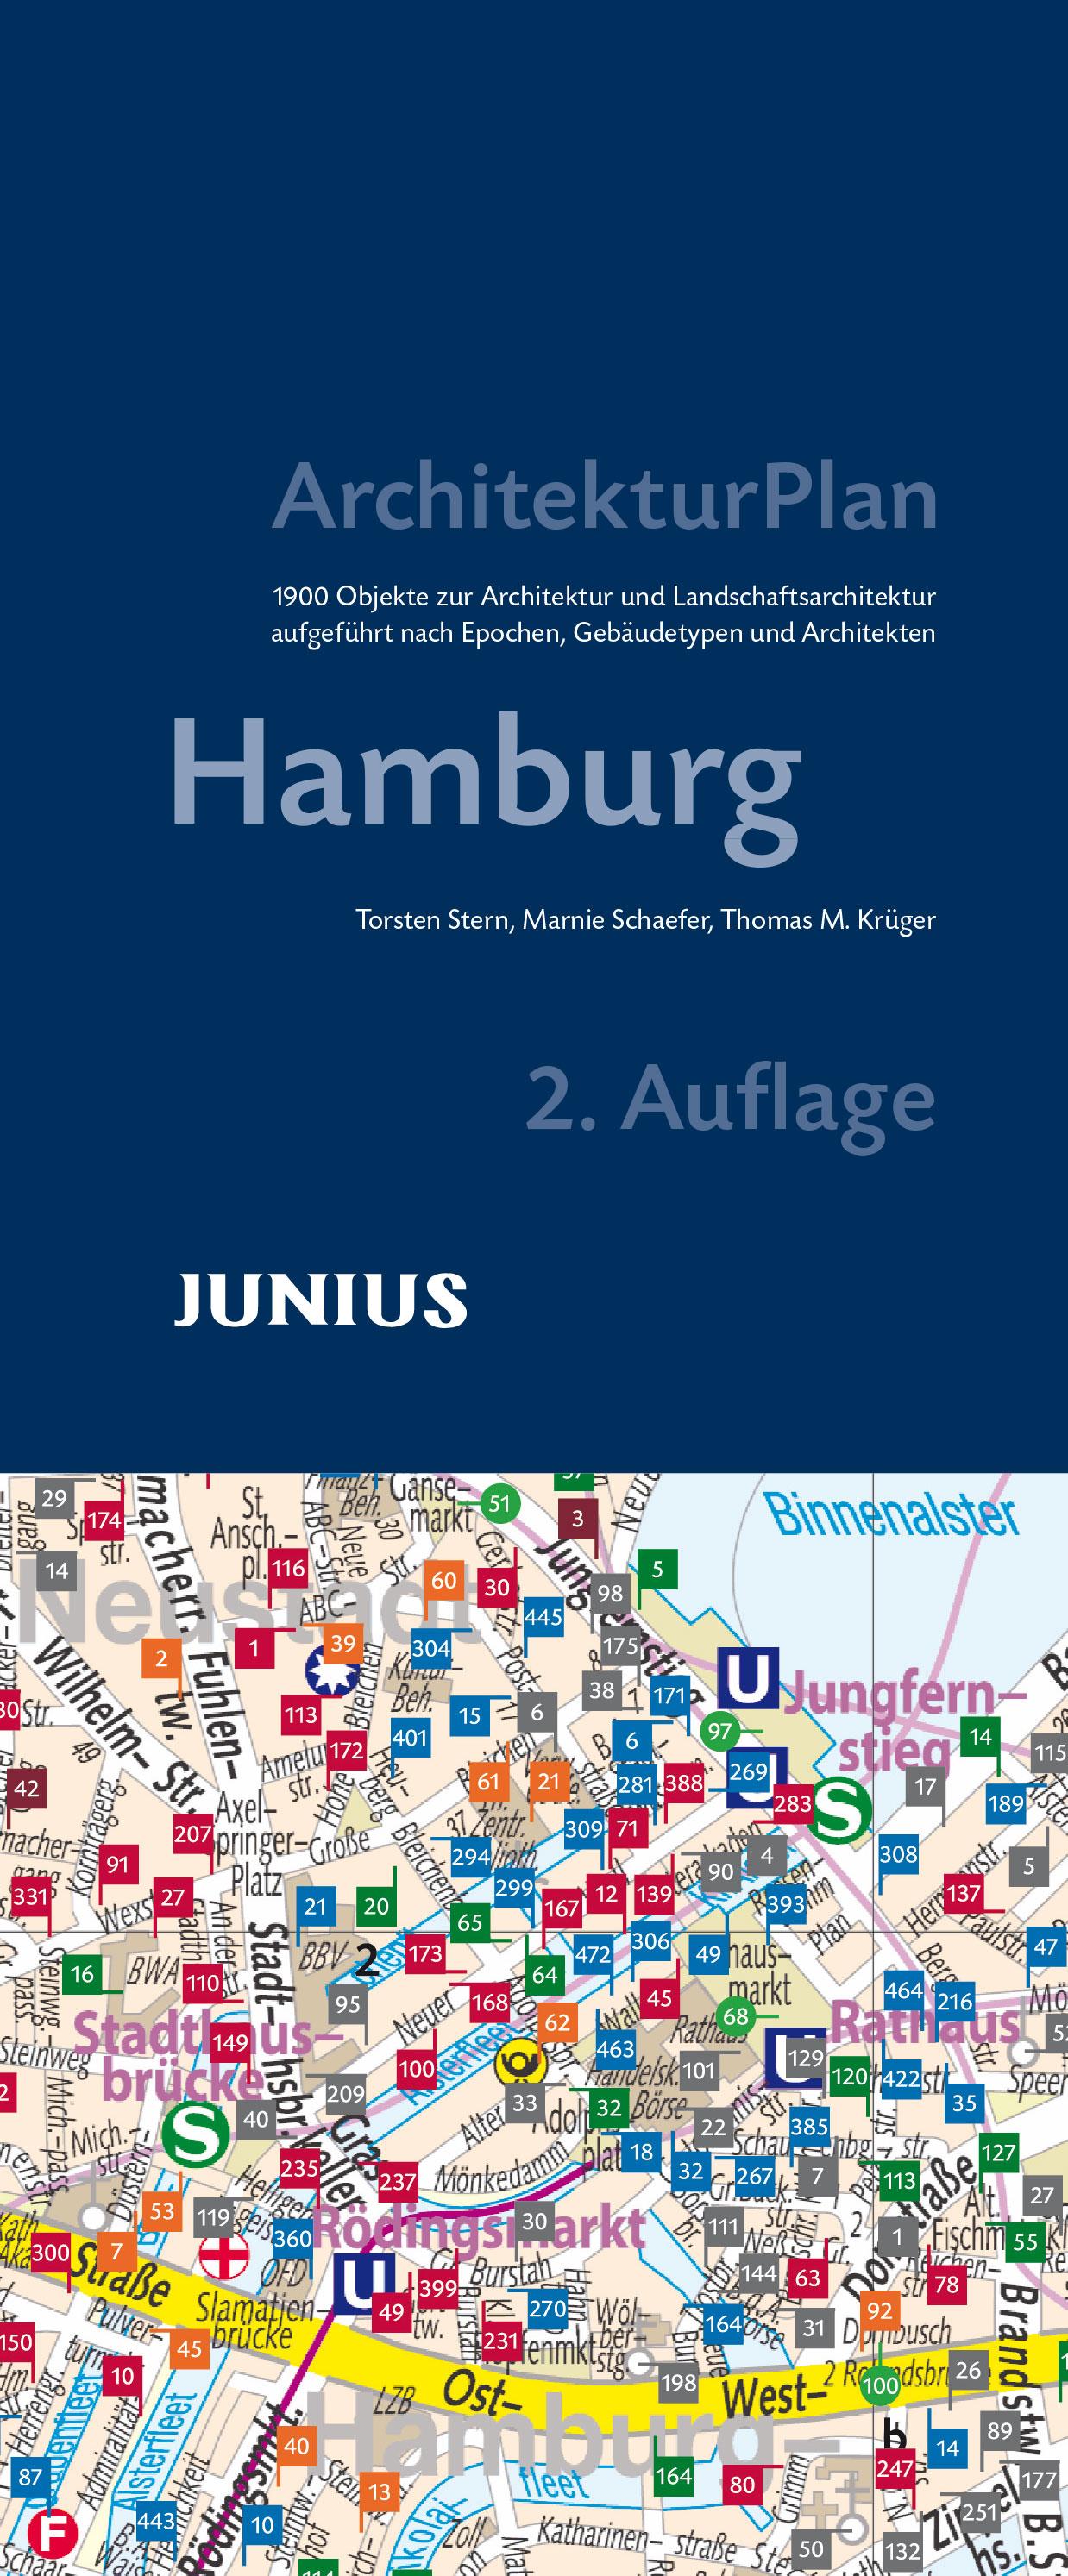 stadtfuehrung hamburg architektur ArchitekturPlan